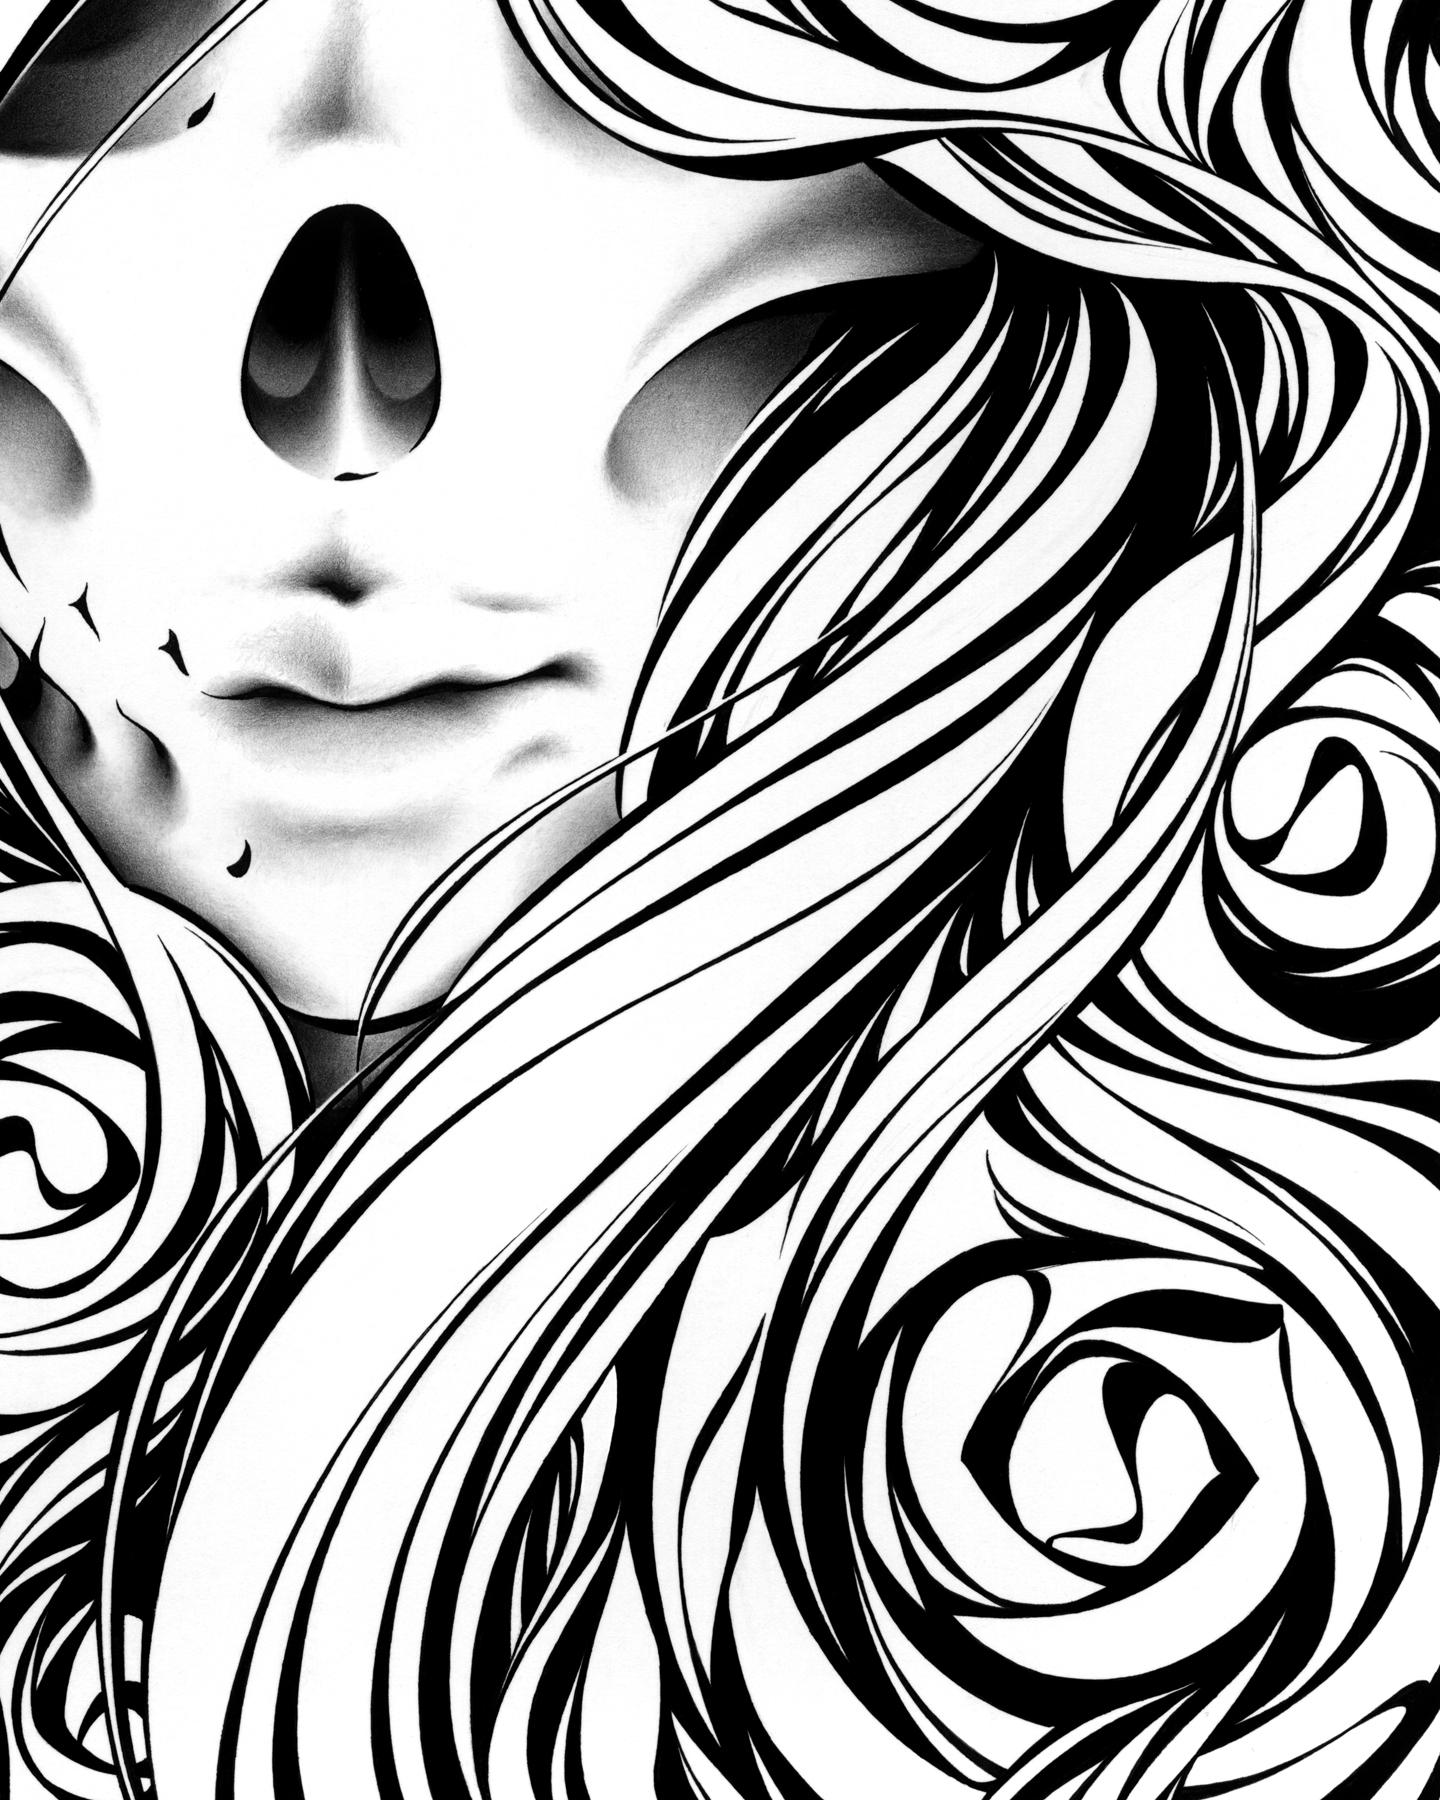 fb_untitled_rosegirl_3